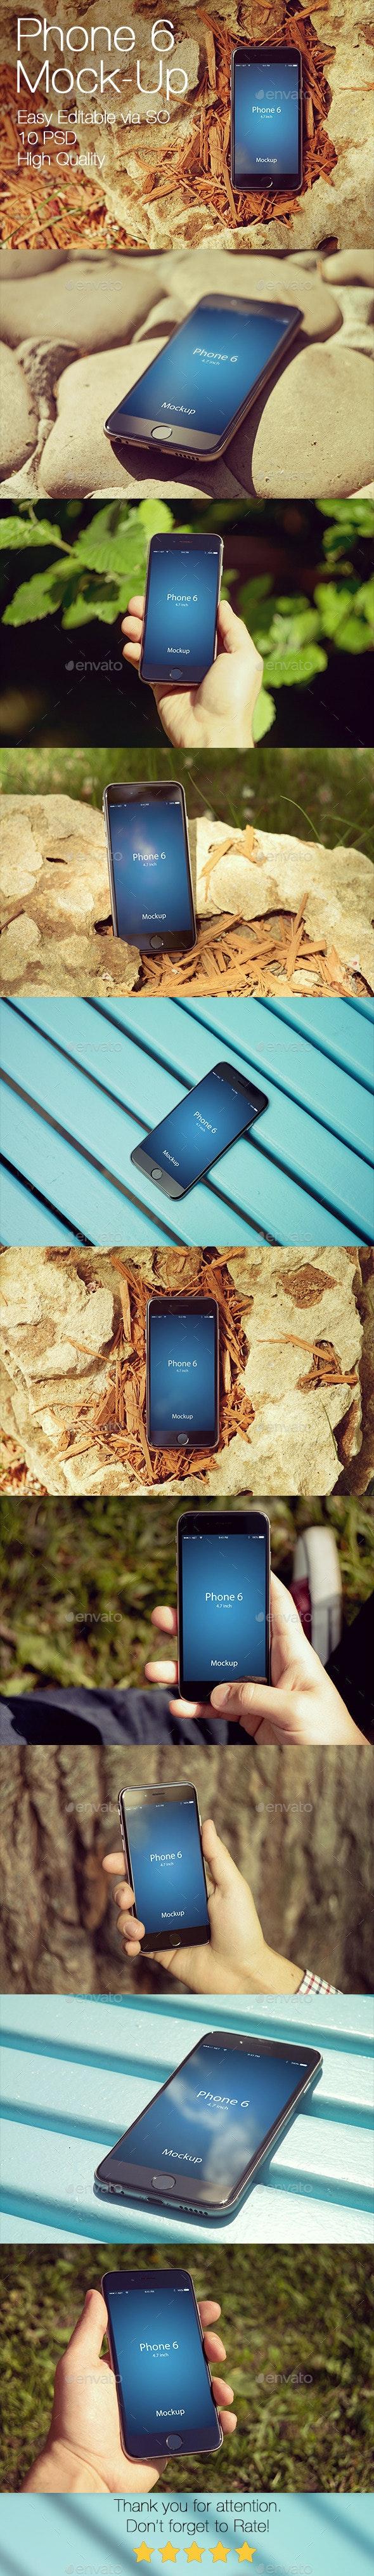 Phone 6 Mockup v3 - Mobile Displays